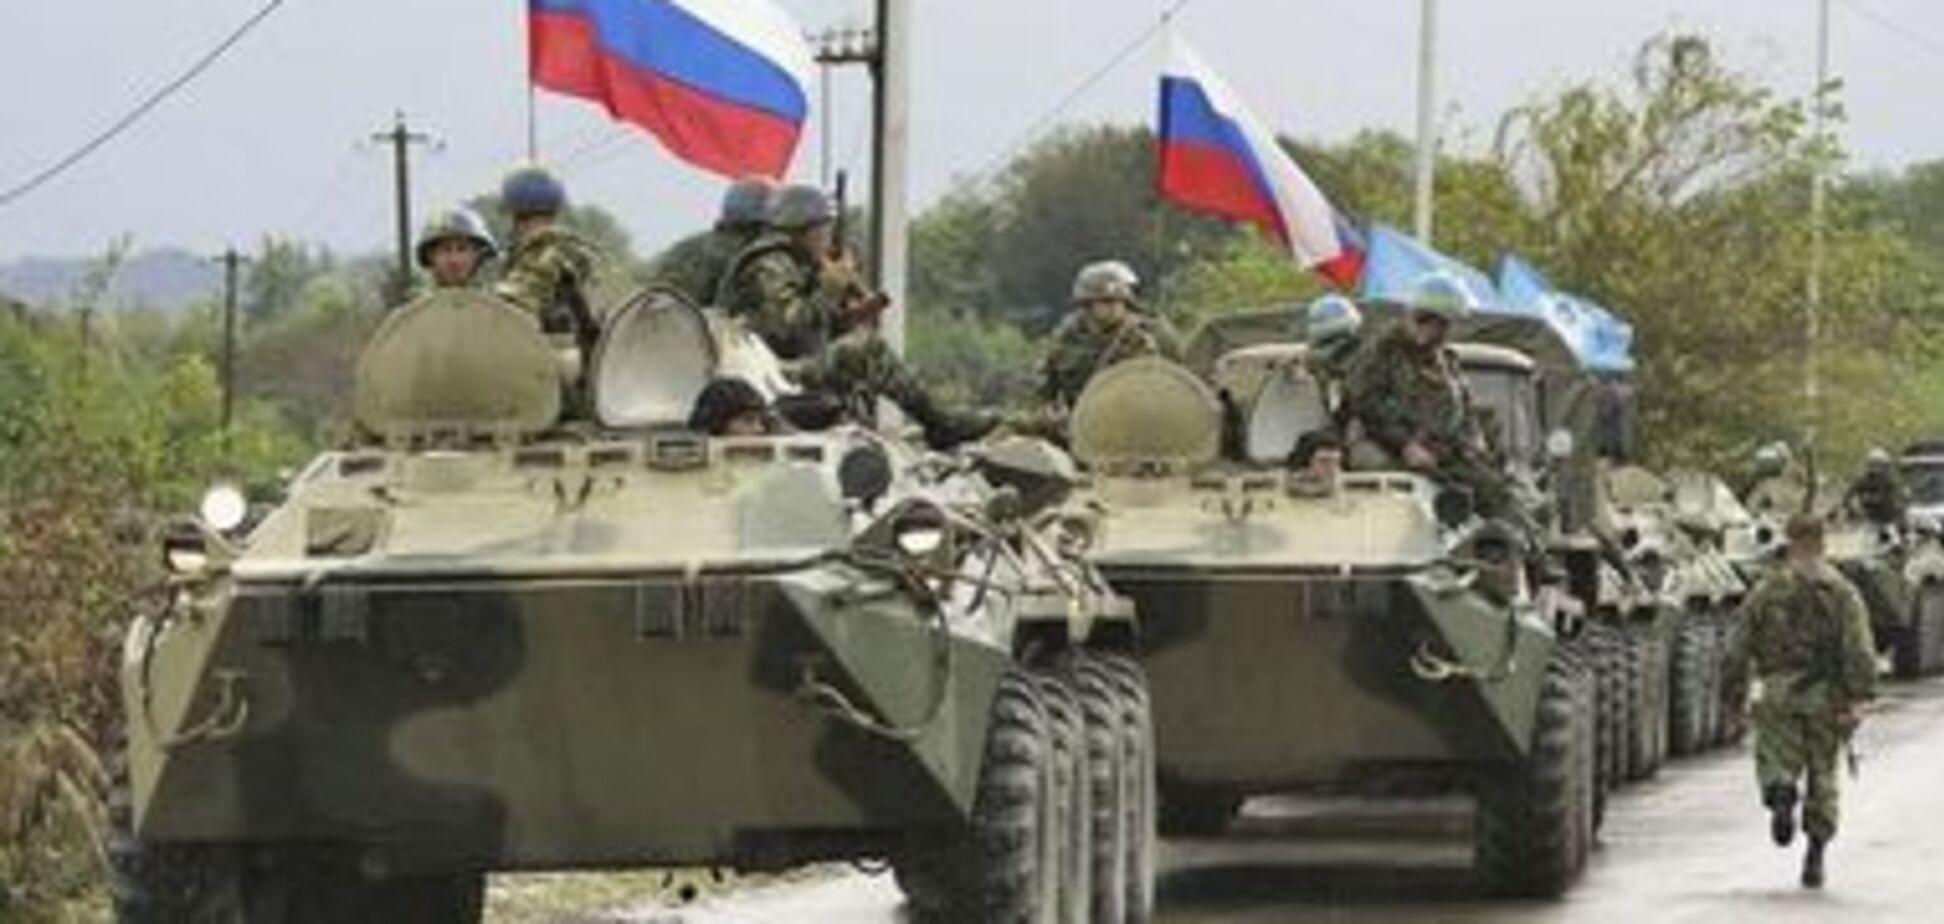 Польша заговорила о захвате Киева Путиным: как украинцы восприняли пугающий прогноз